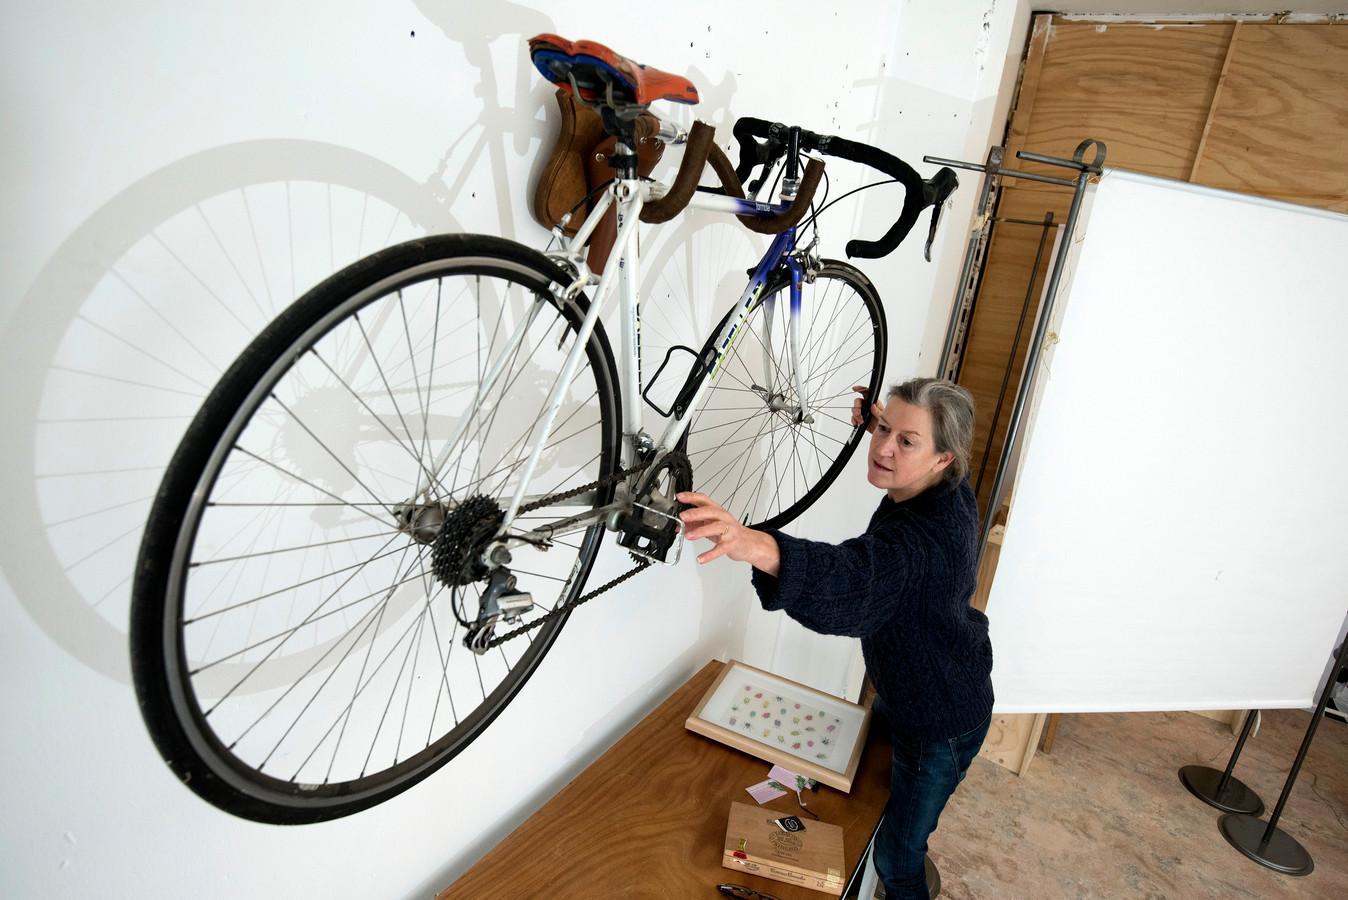 Els Bugter hangt de fiets van Kenny van Hummel recht. Het hangt op het gewei van een zadel en fietsstuur van Jasper Bugter.